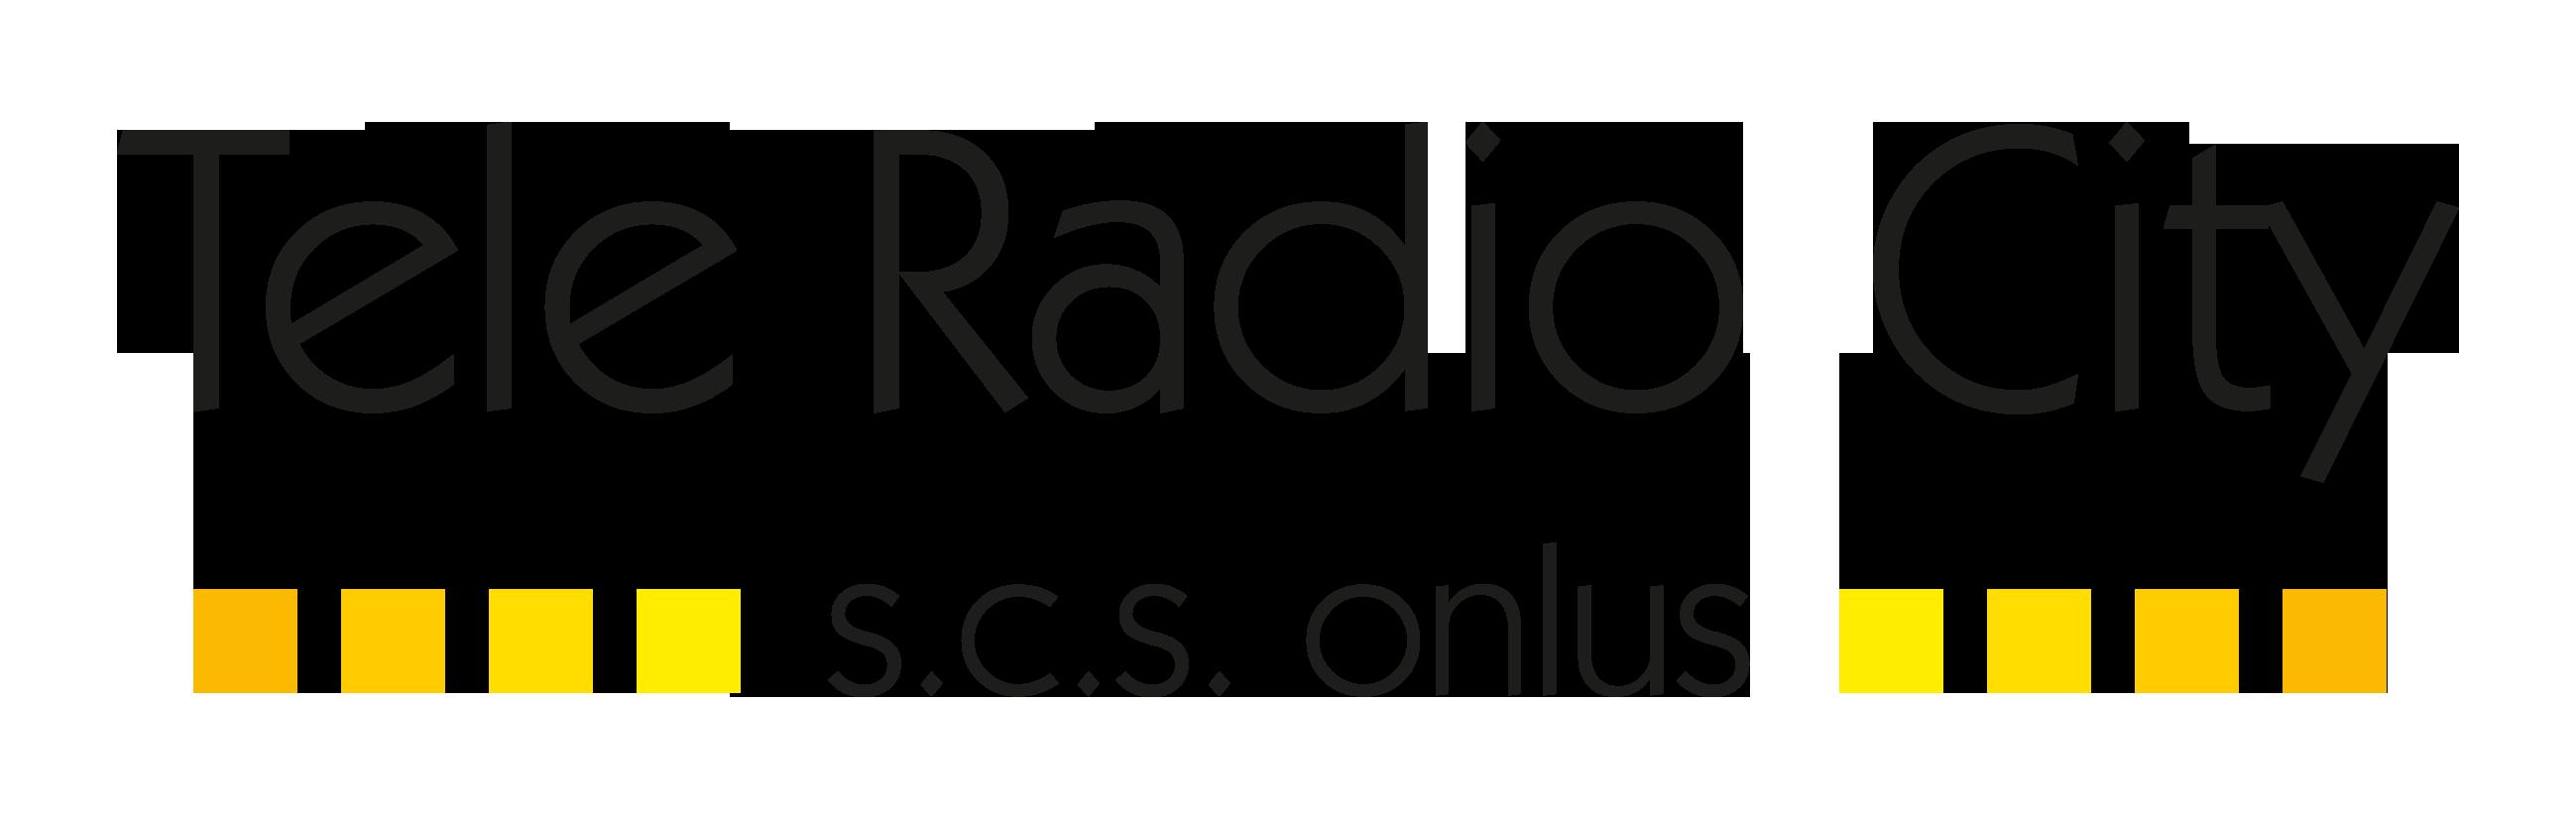 Tele Radio City s.c.s. onlus